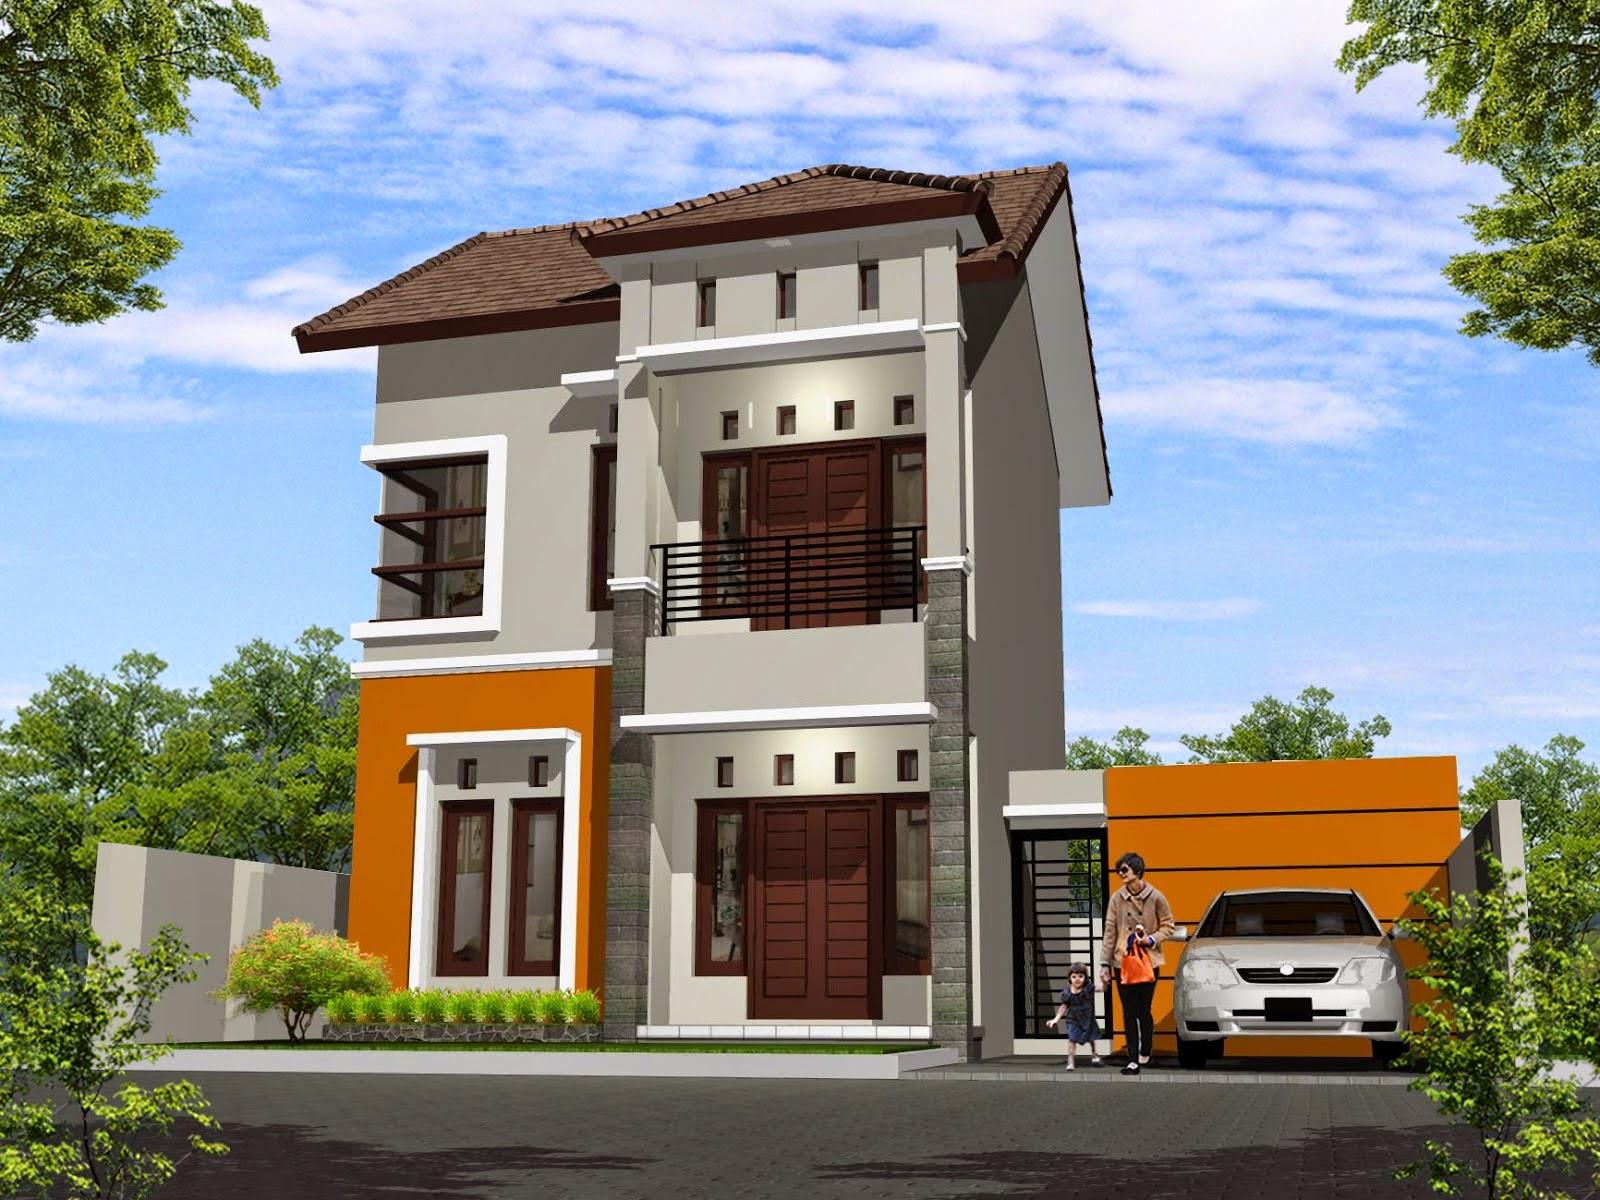 Desain Rumah Minimalis 2 Lantai Bali Foto Desain Rumah Terbaru 2016